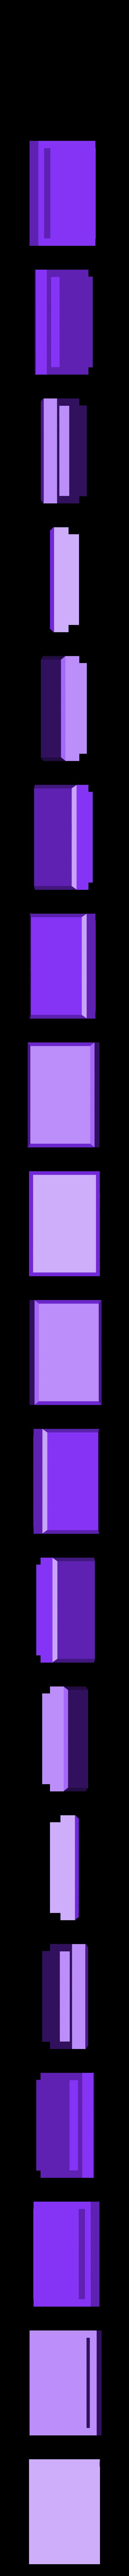 BlockBack10_07.stl Download STL file Playing Card Tiles • Object to 3D print, Jinja